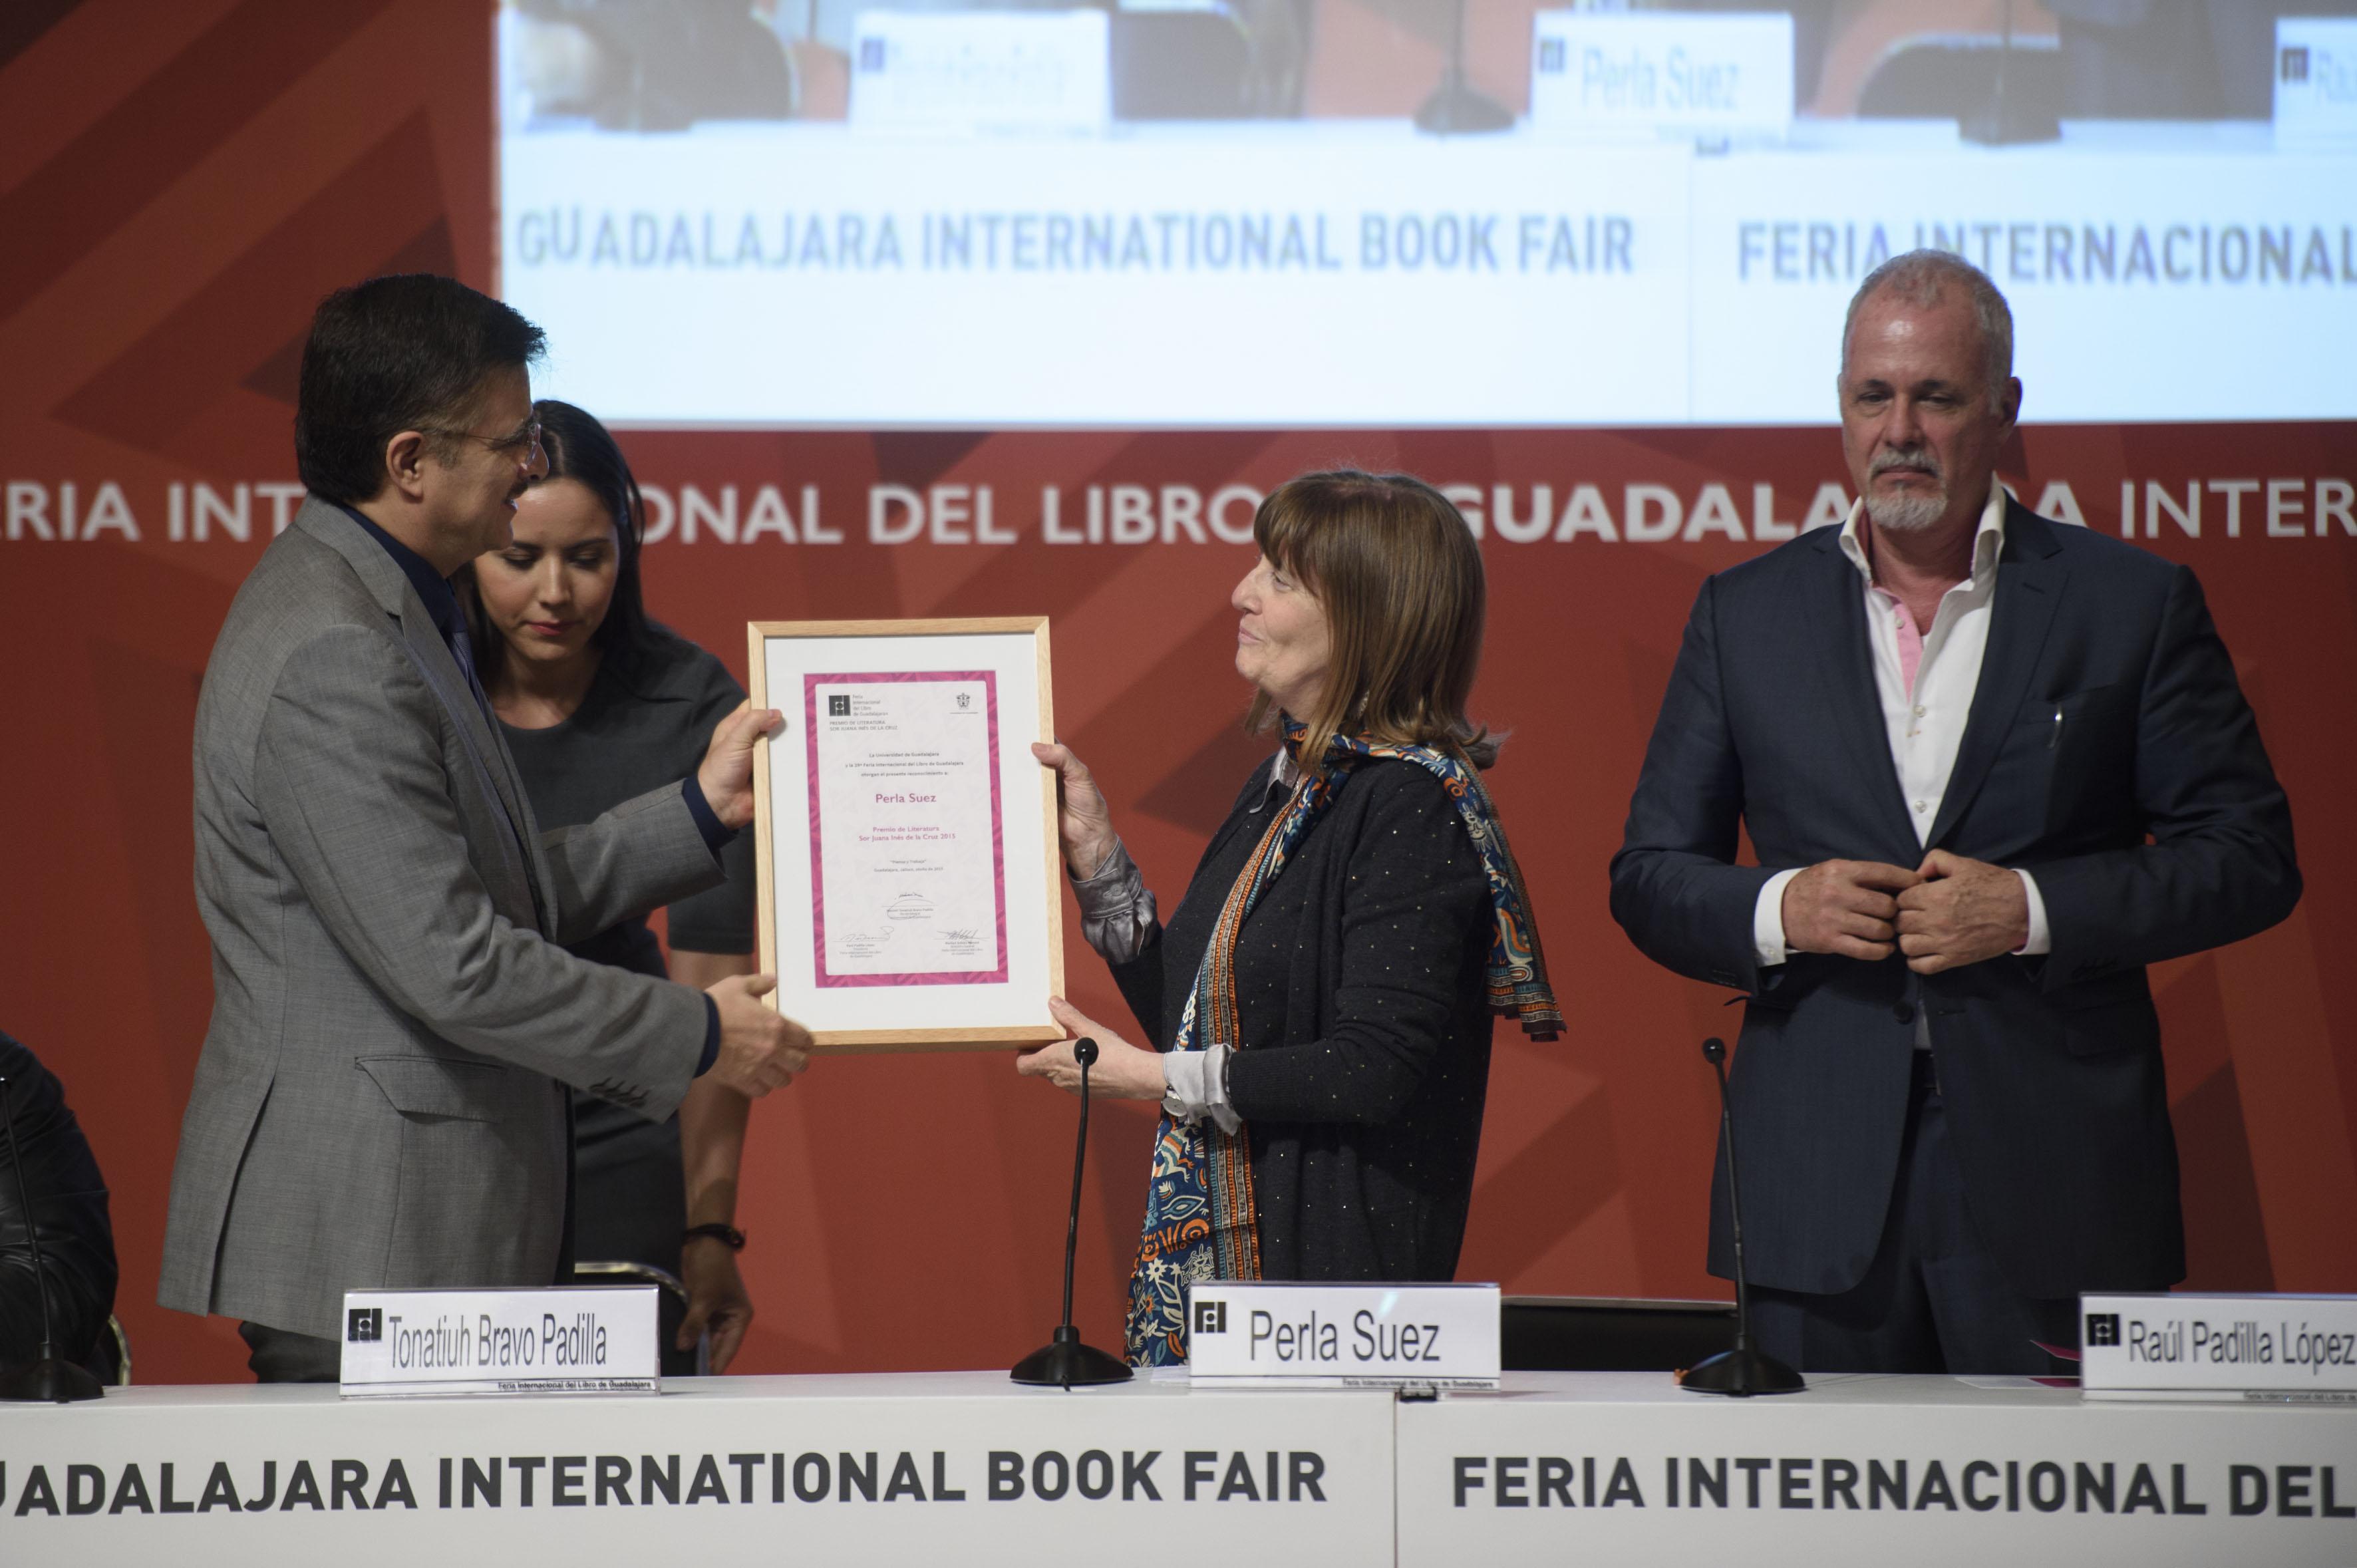 Perla Suez recibiendo su reconocimiento de parte del Mtro. Itzcóatl Tonatiuh Bravo Padilla